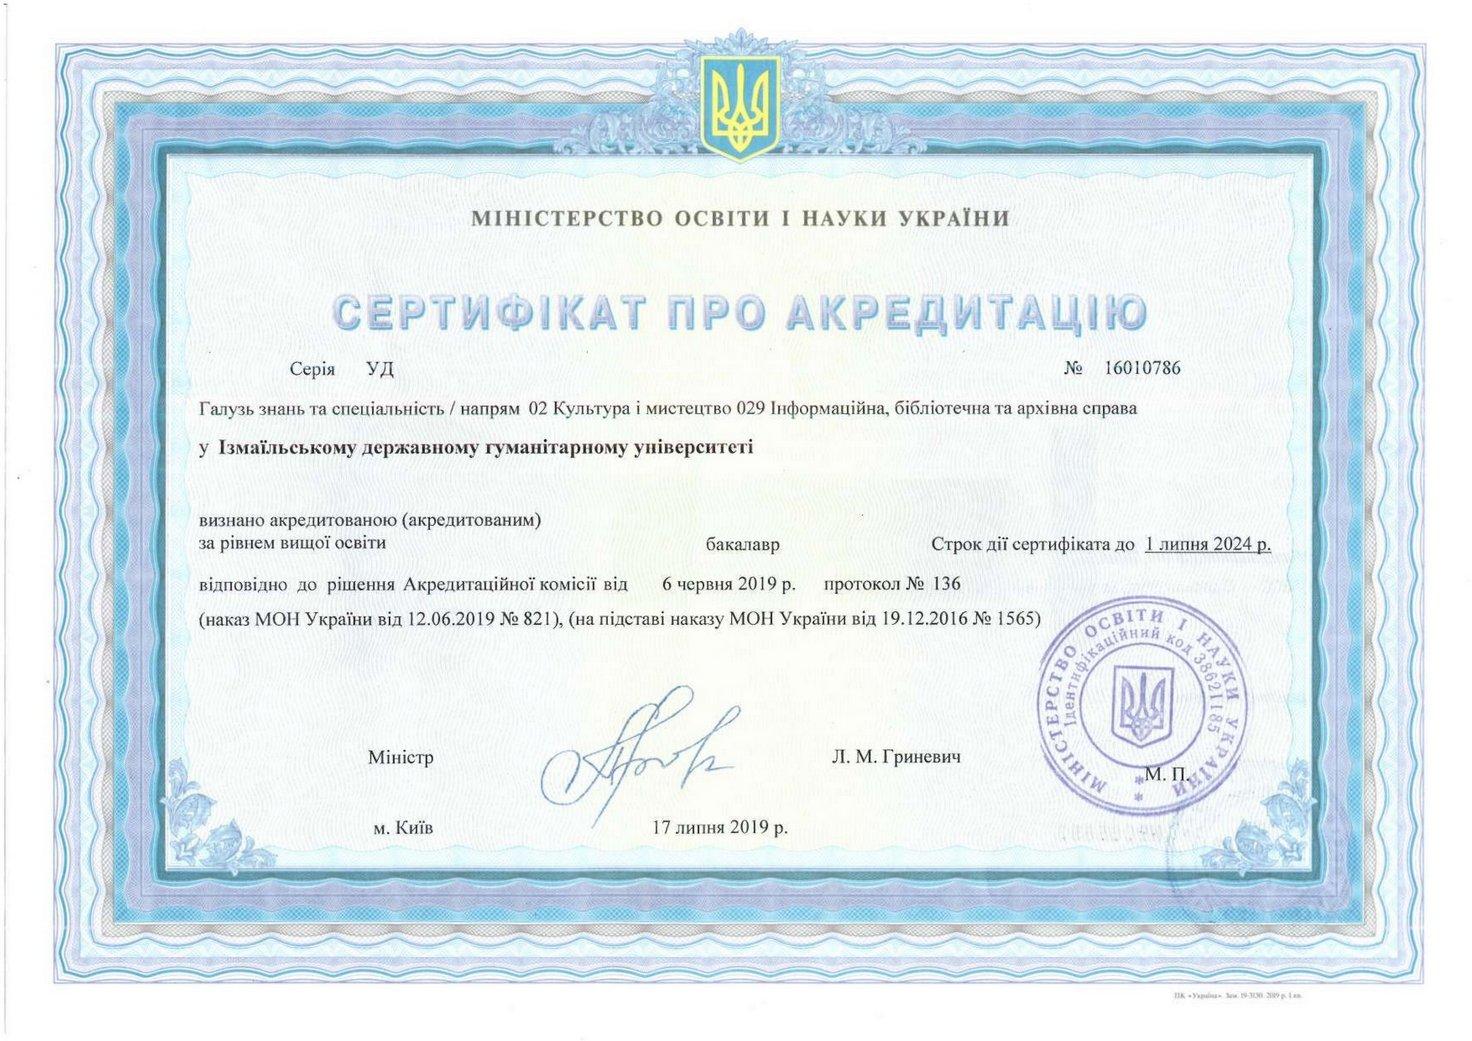 Сертифікат про акредитацію 029 Інформаційна, бібліотечна та архівна справа